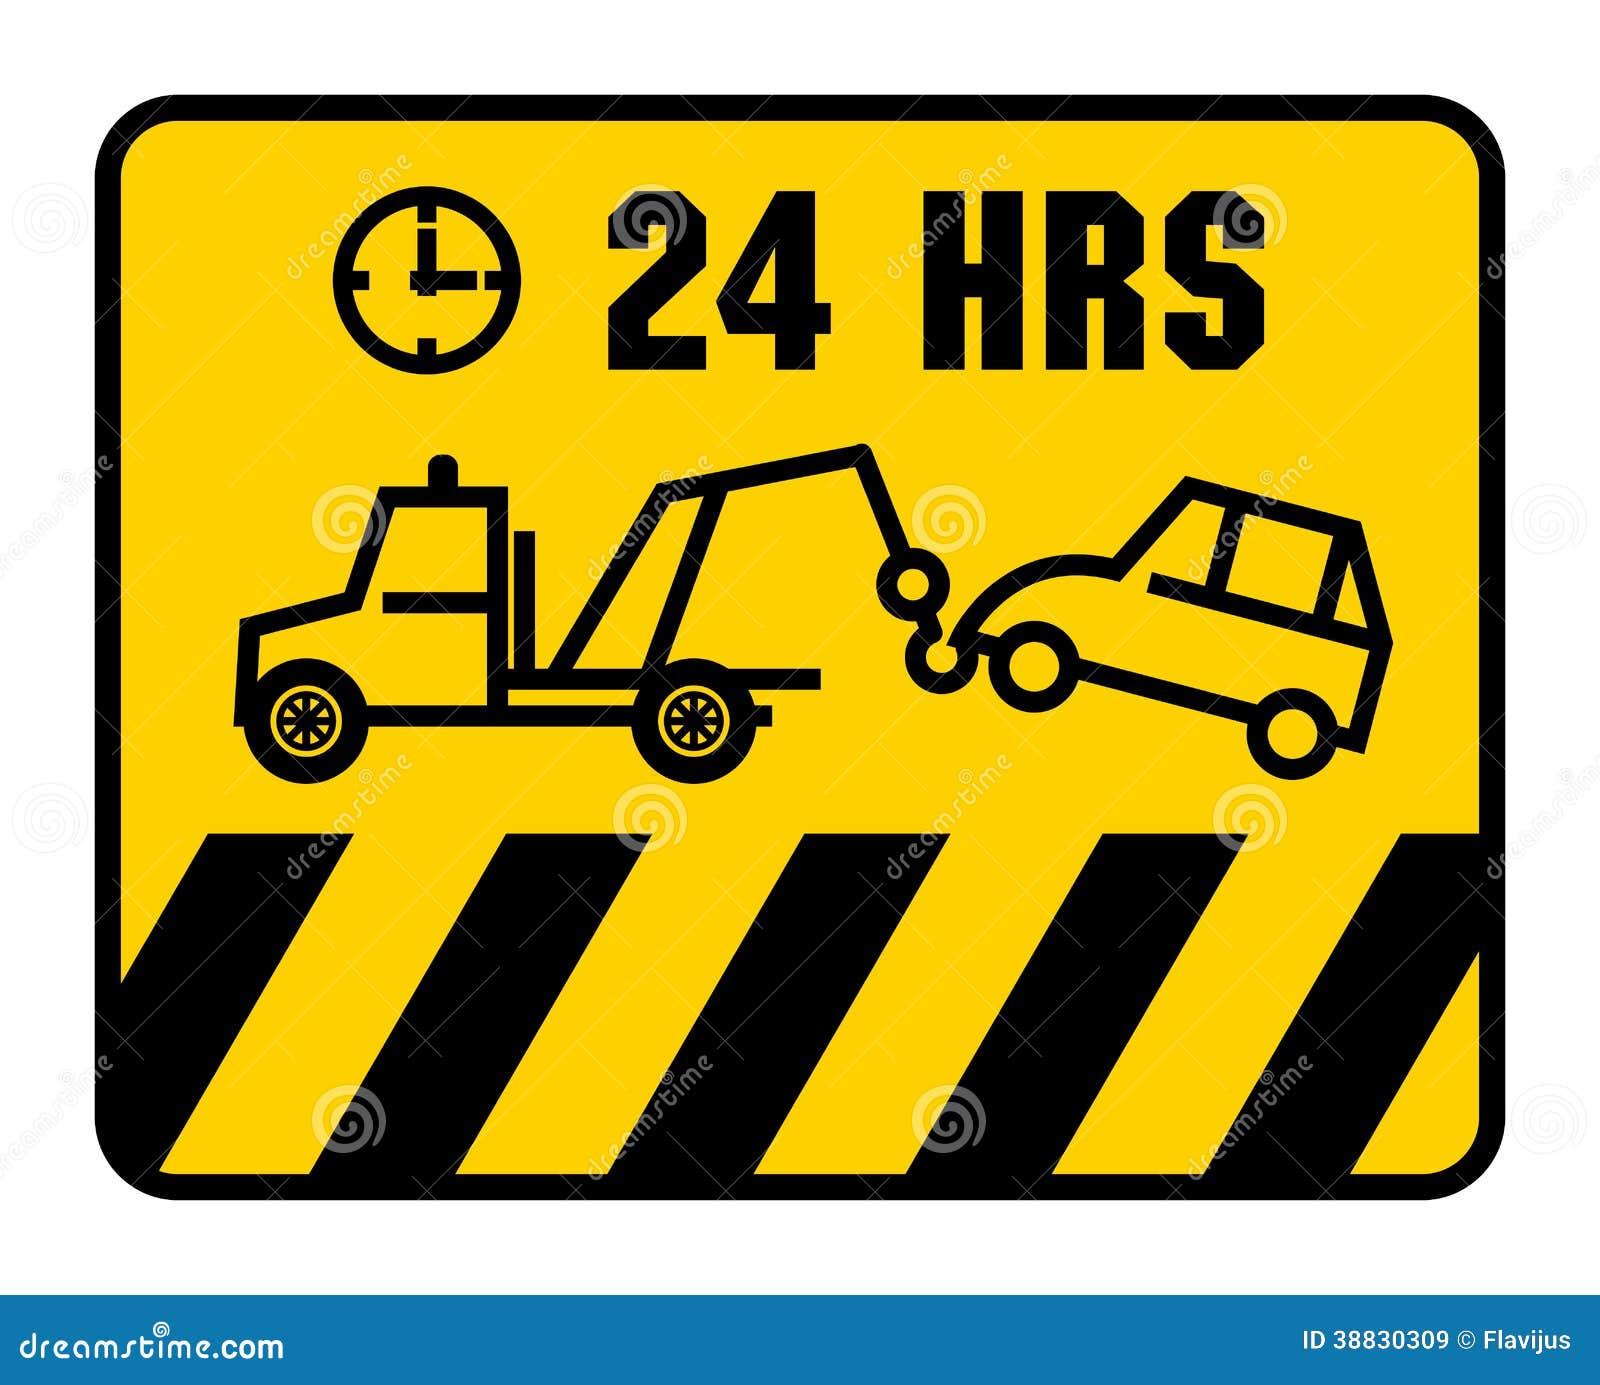 交通标志-禁止停车,彩色插图.图片